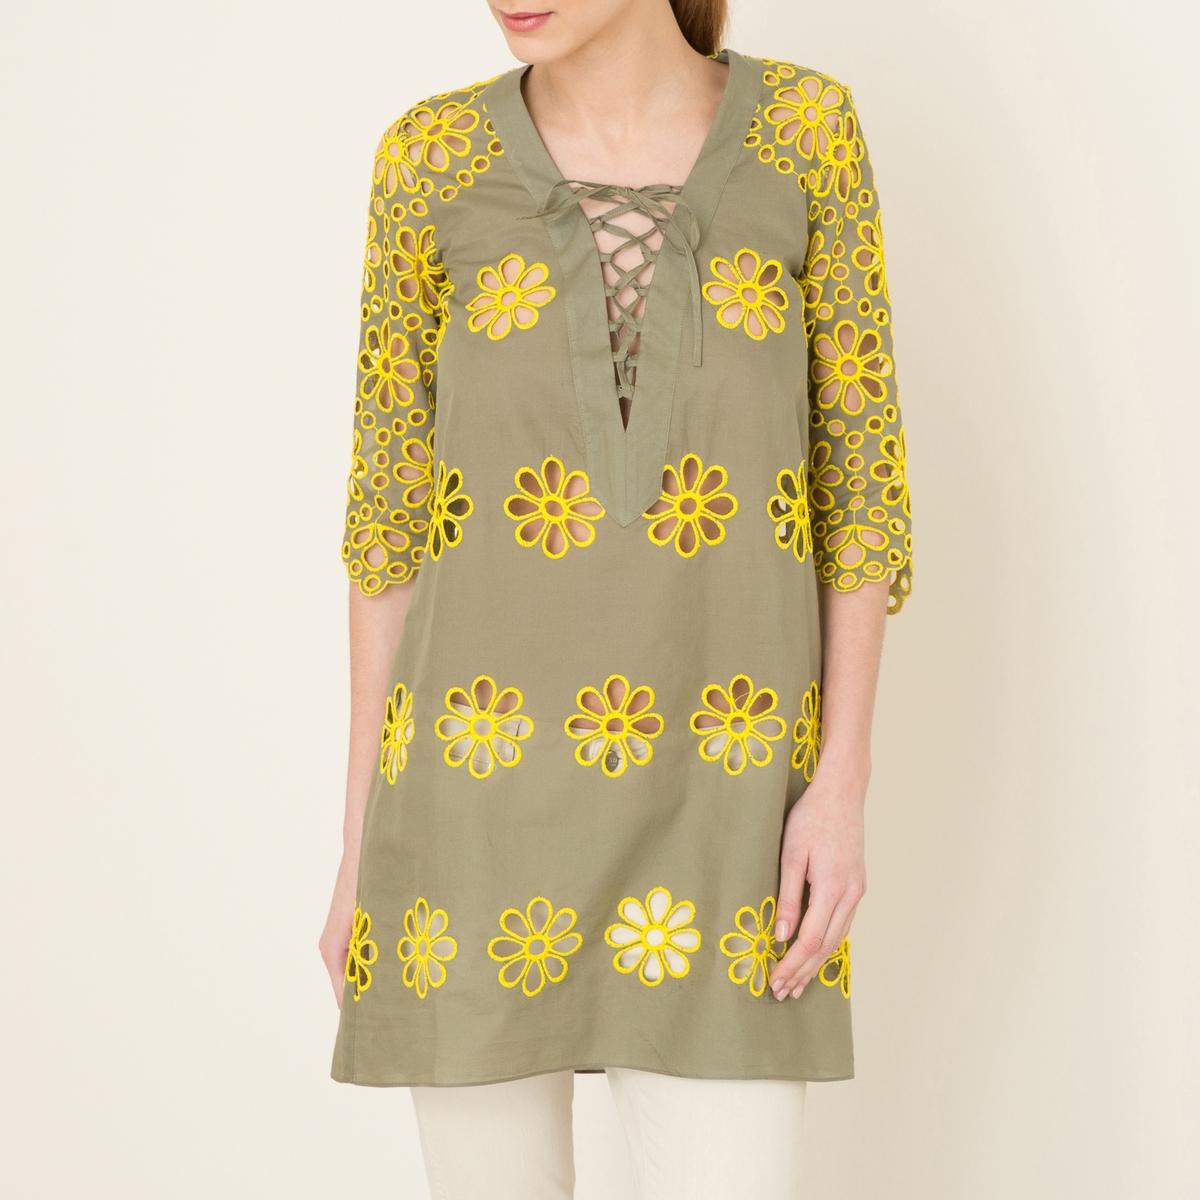 Платье EDGE PLUSСостав и описание Материал : 100% хлопокДлина : 88 см. для размера 36Марка : VALERIE KHALFON<br><br>Цвет: хаки